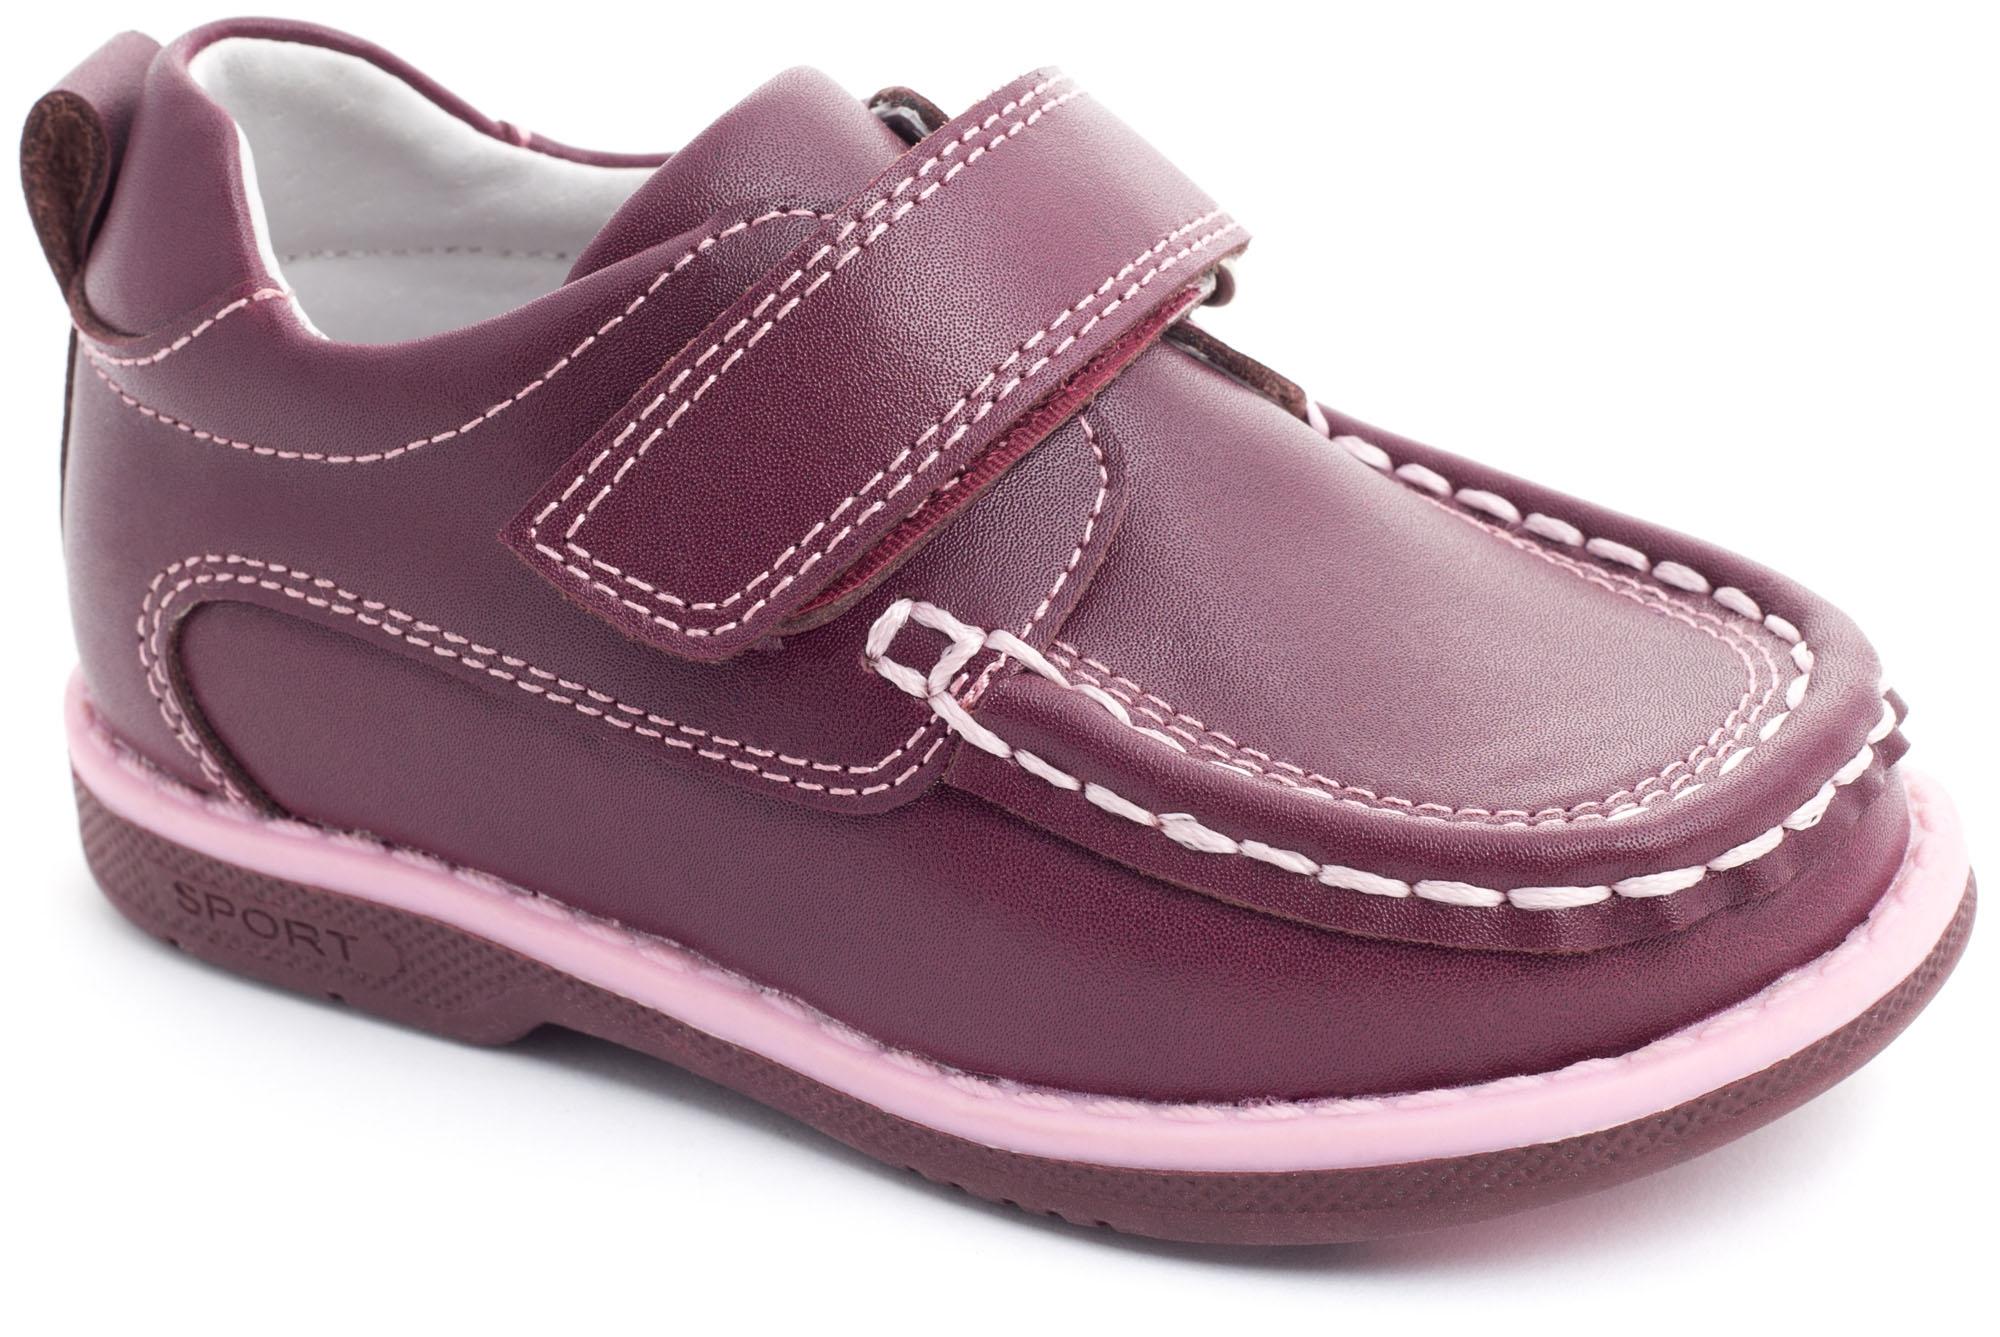 Купить Ботинки и полуботинки, Полуботинки для девочки Barkito бордовый, Китай, Мужской